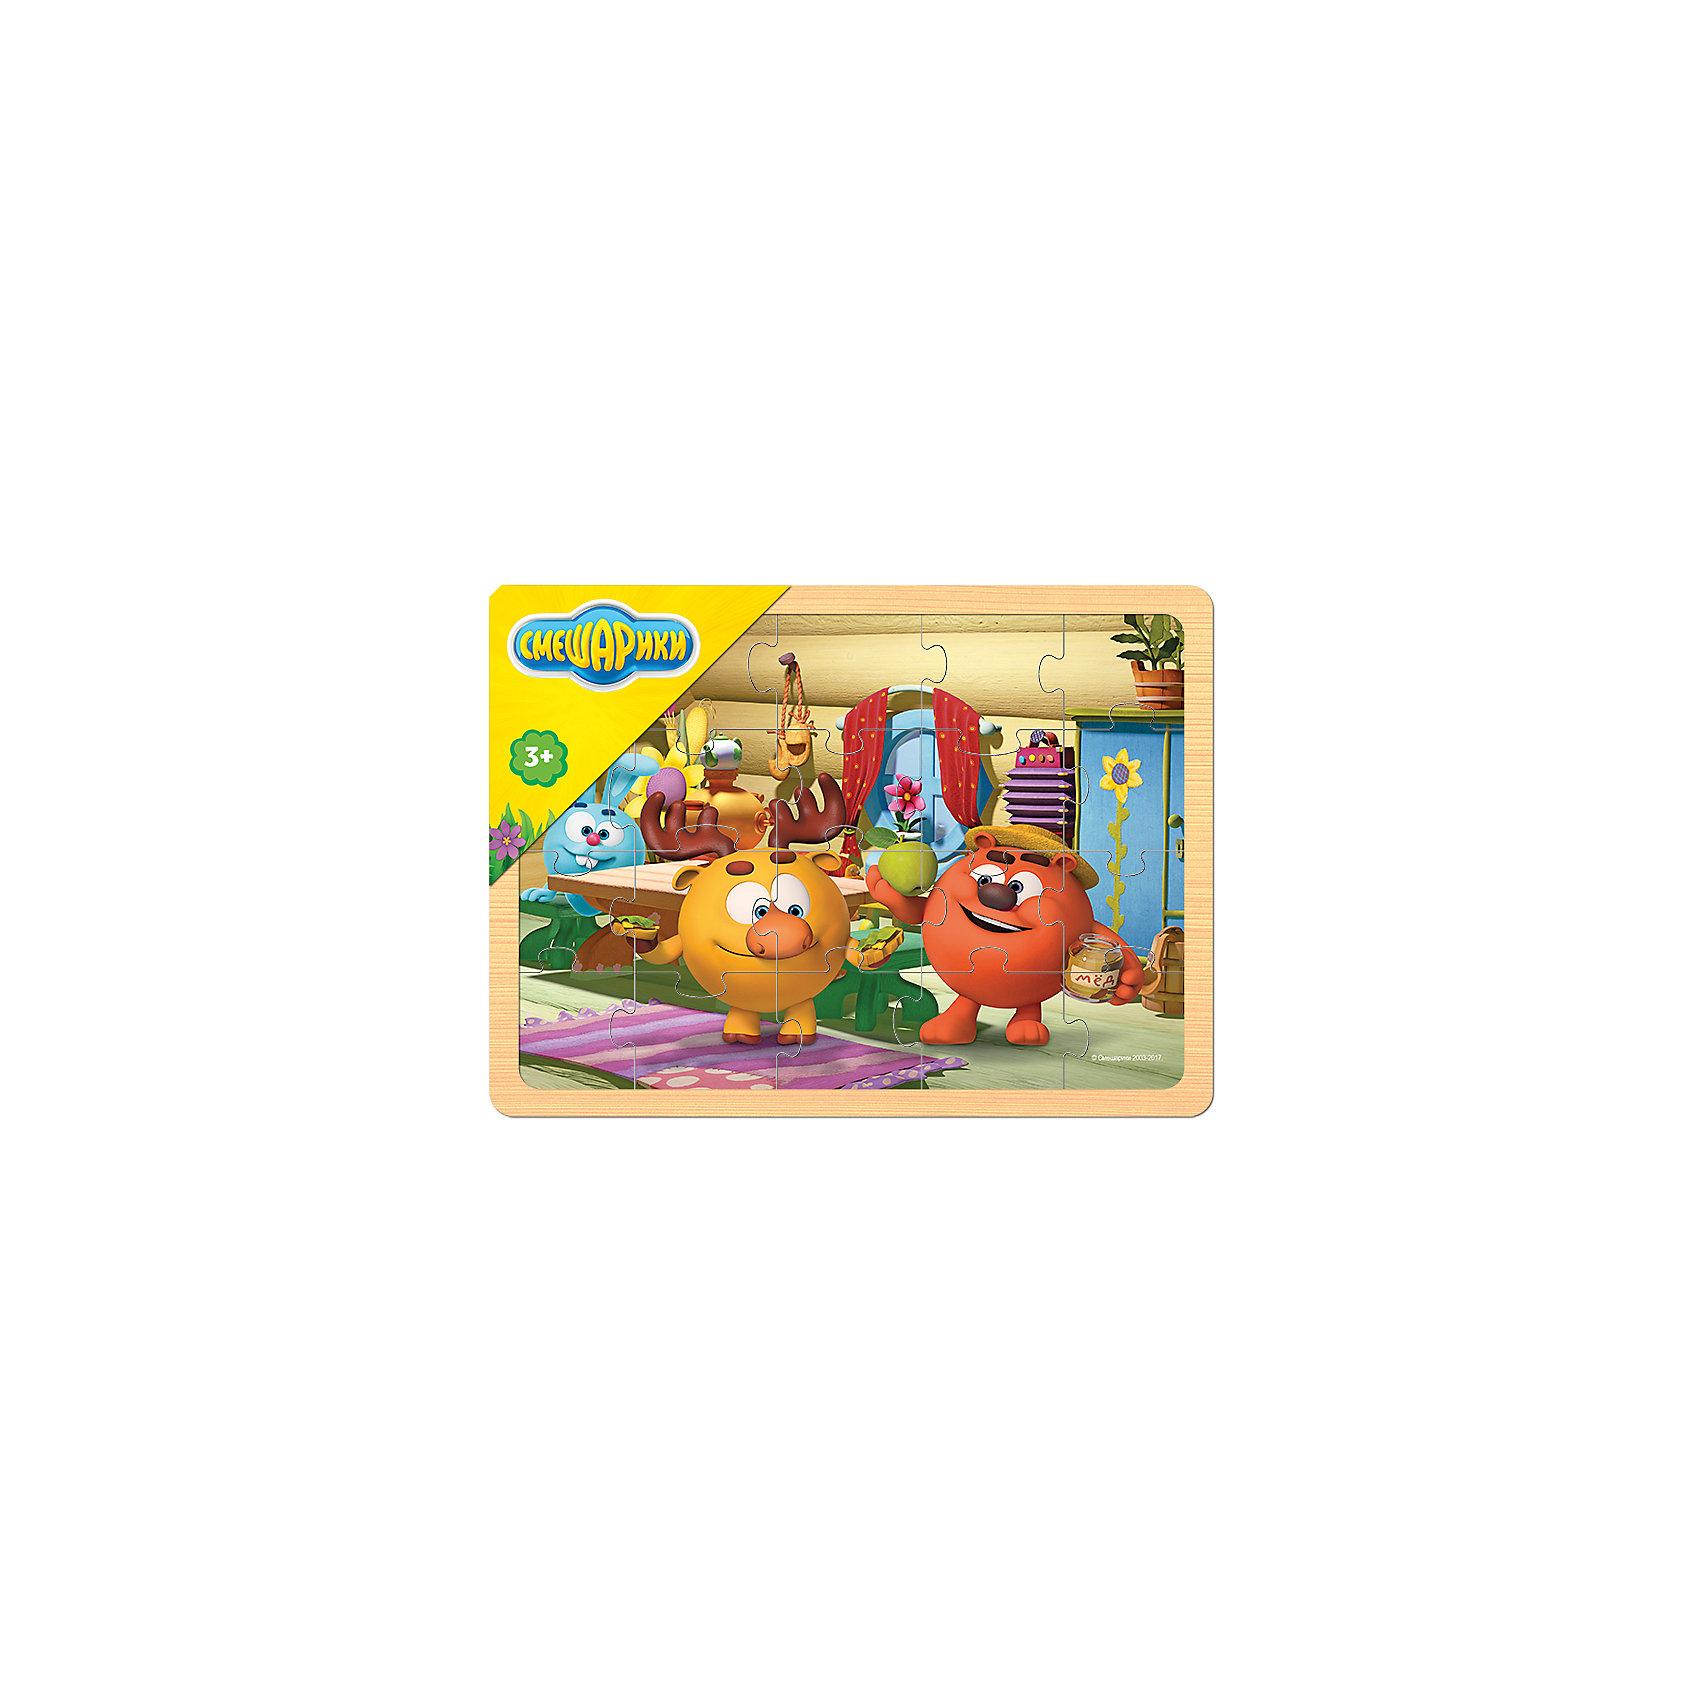 Игра из дерева Смешарики, Step PuzzleДеревянные игры и пазлы<br><br><br>Ширина мм: 298<br>Глубина мм: 220<br>Высота мм: 8<br>Вес г: 380<br>Возраст от месяцев: 36<br>Возраст до месяцев: 2147483647<br>Пол: Унисекс<br>Возраст: Детский<br>SKU: 6894237